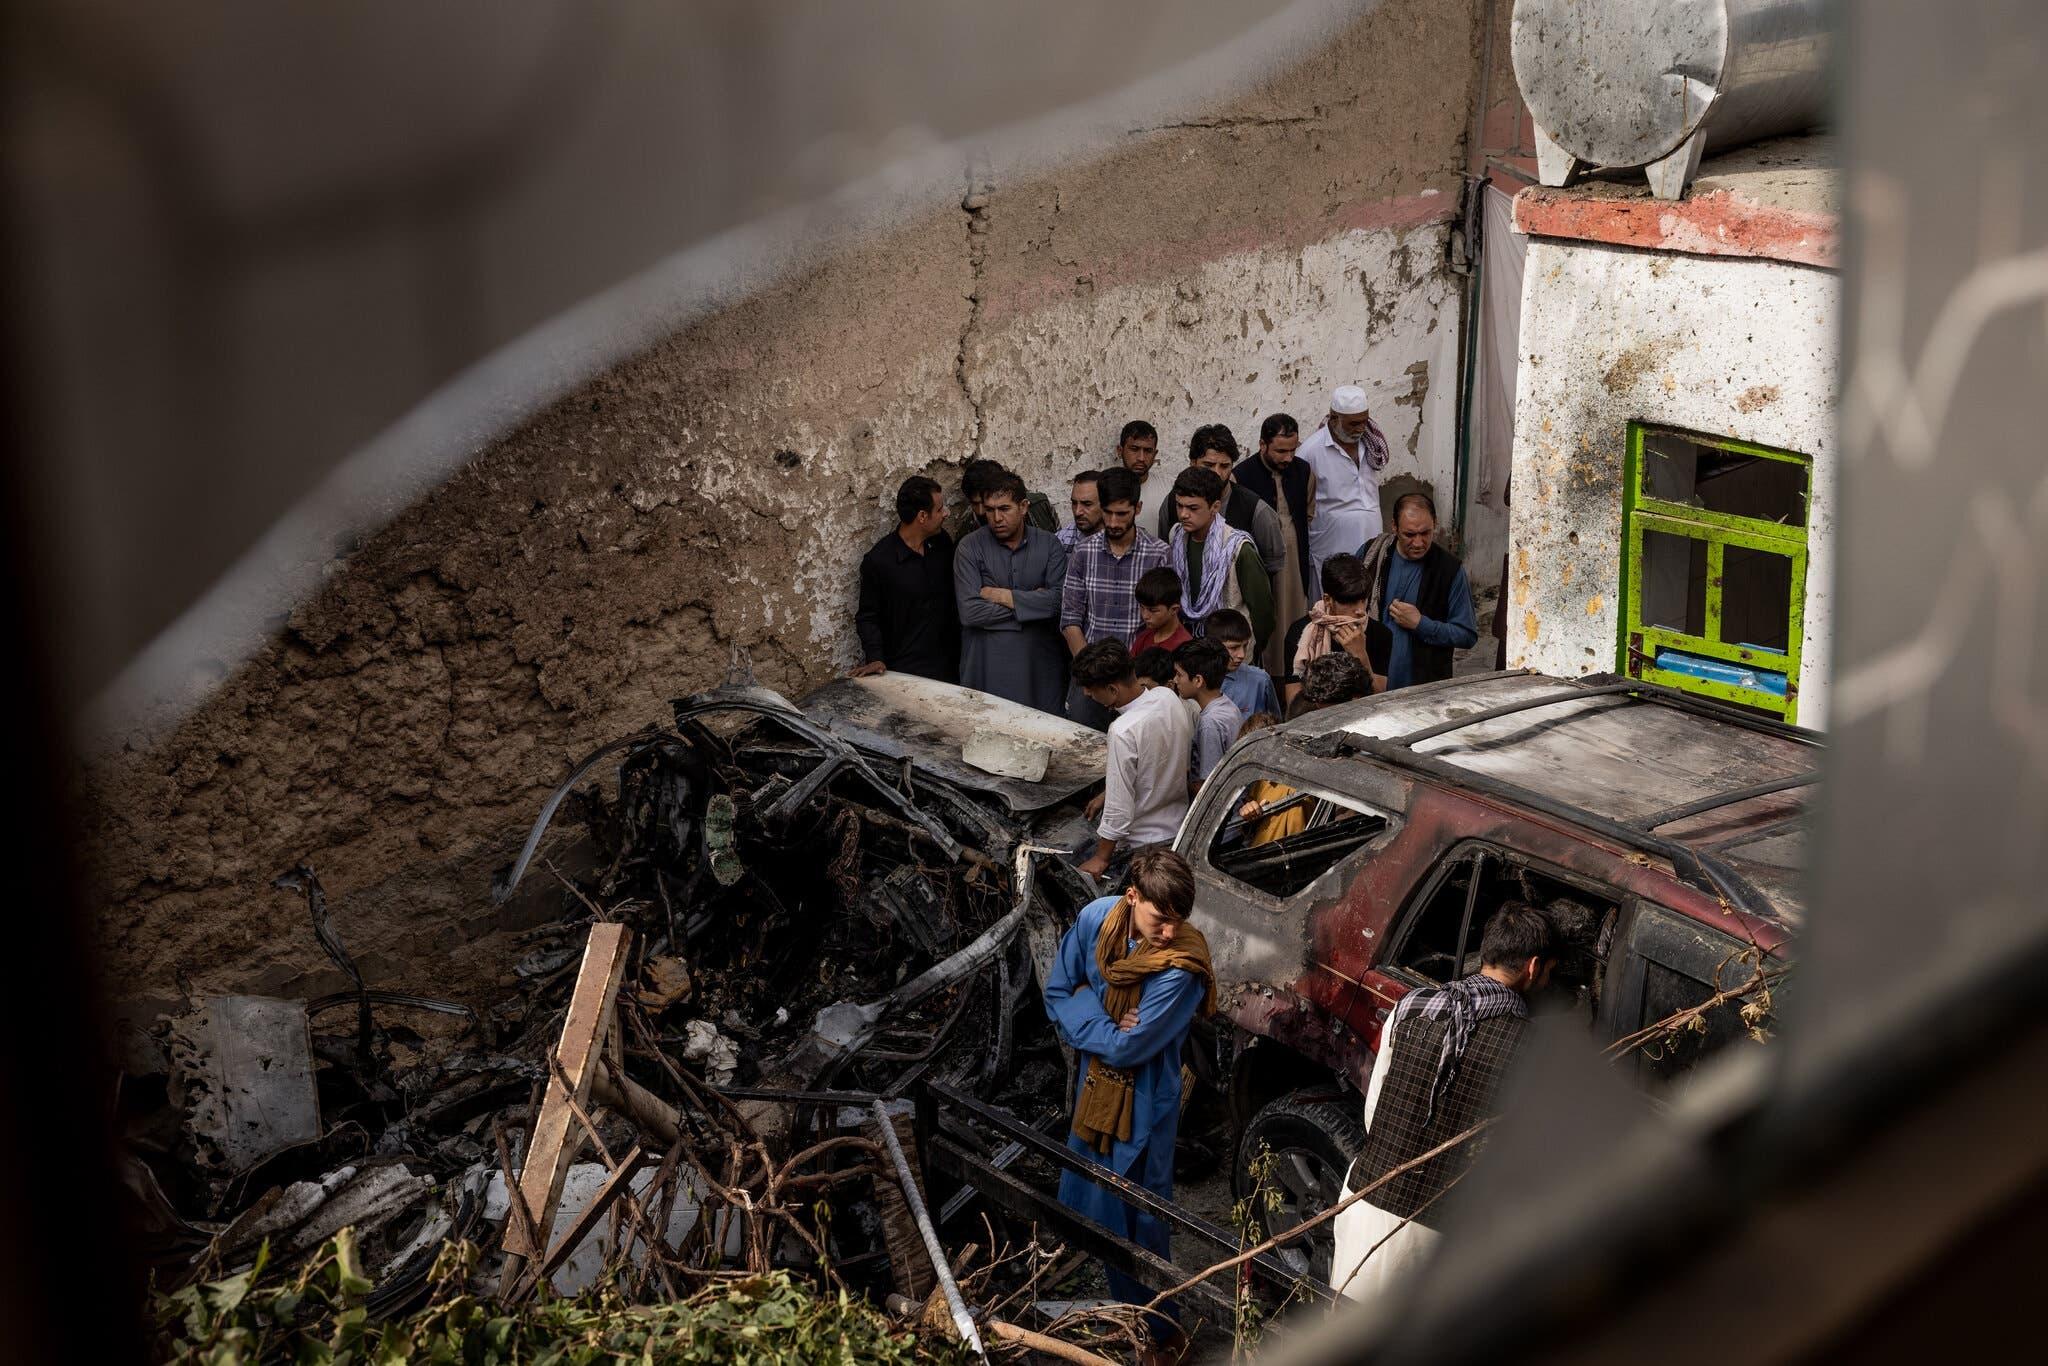 مجموعة من الأفغان يتفقدون السيارة المدمرة عقب الضربة الأميركية